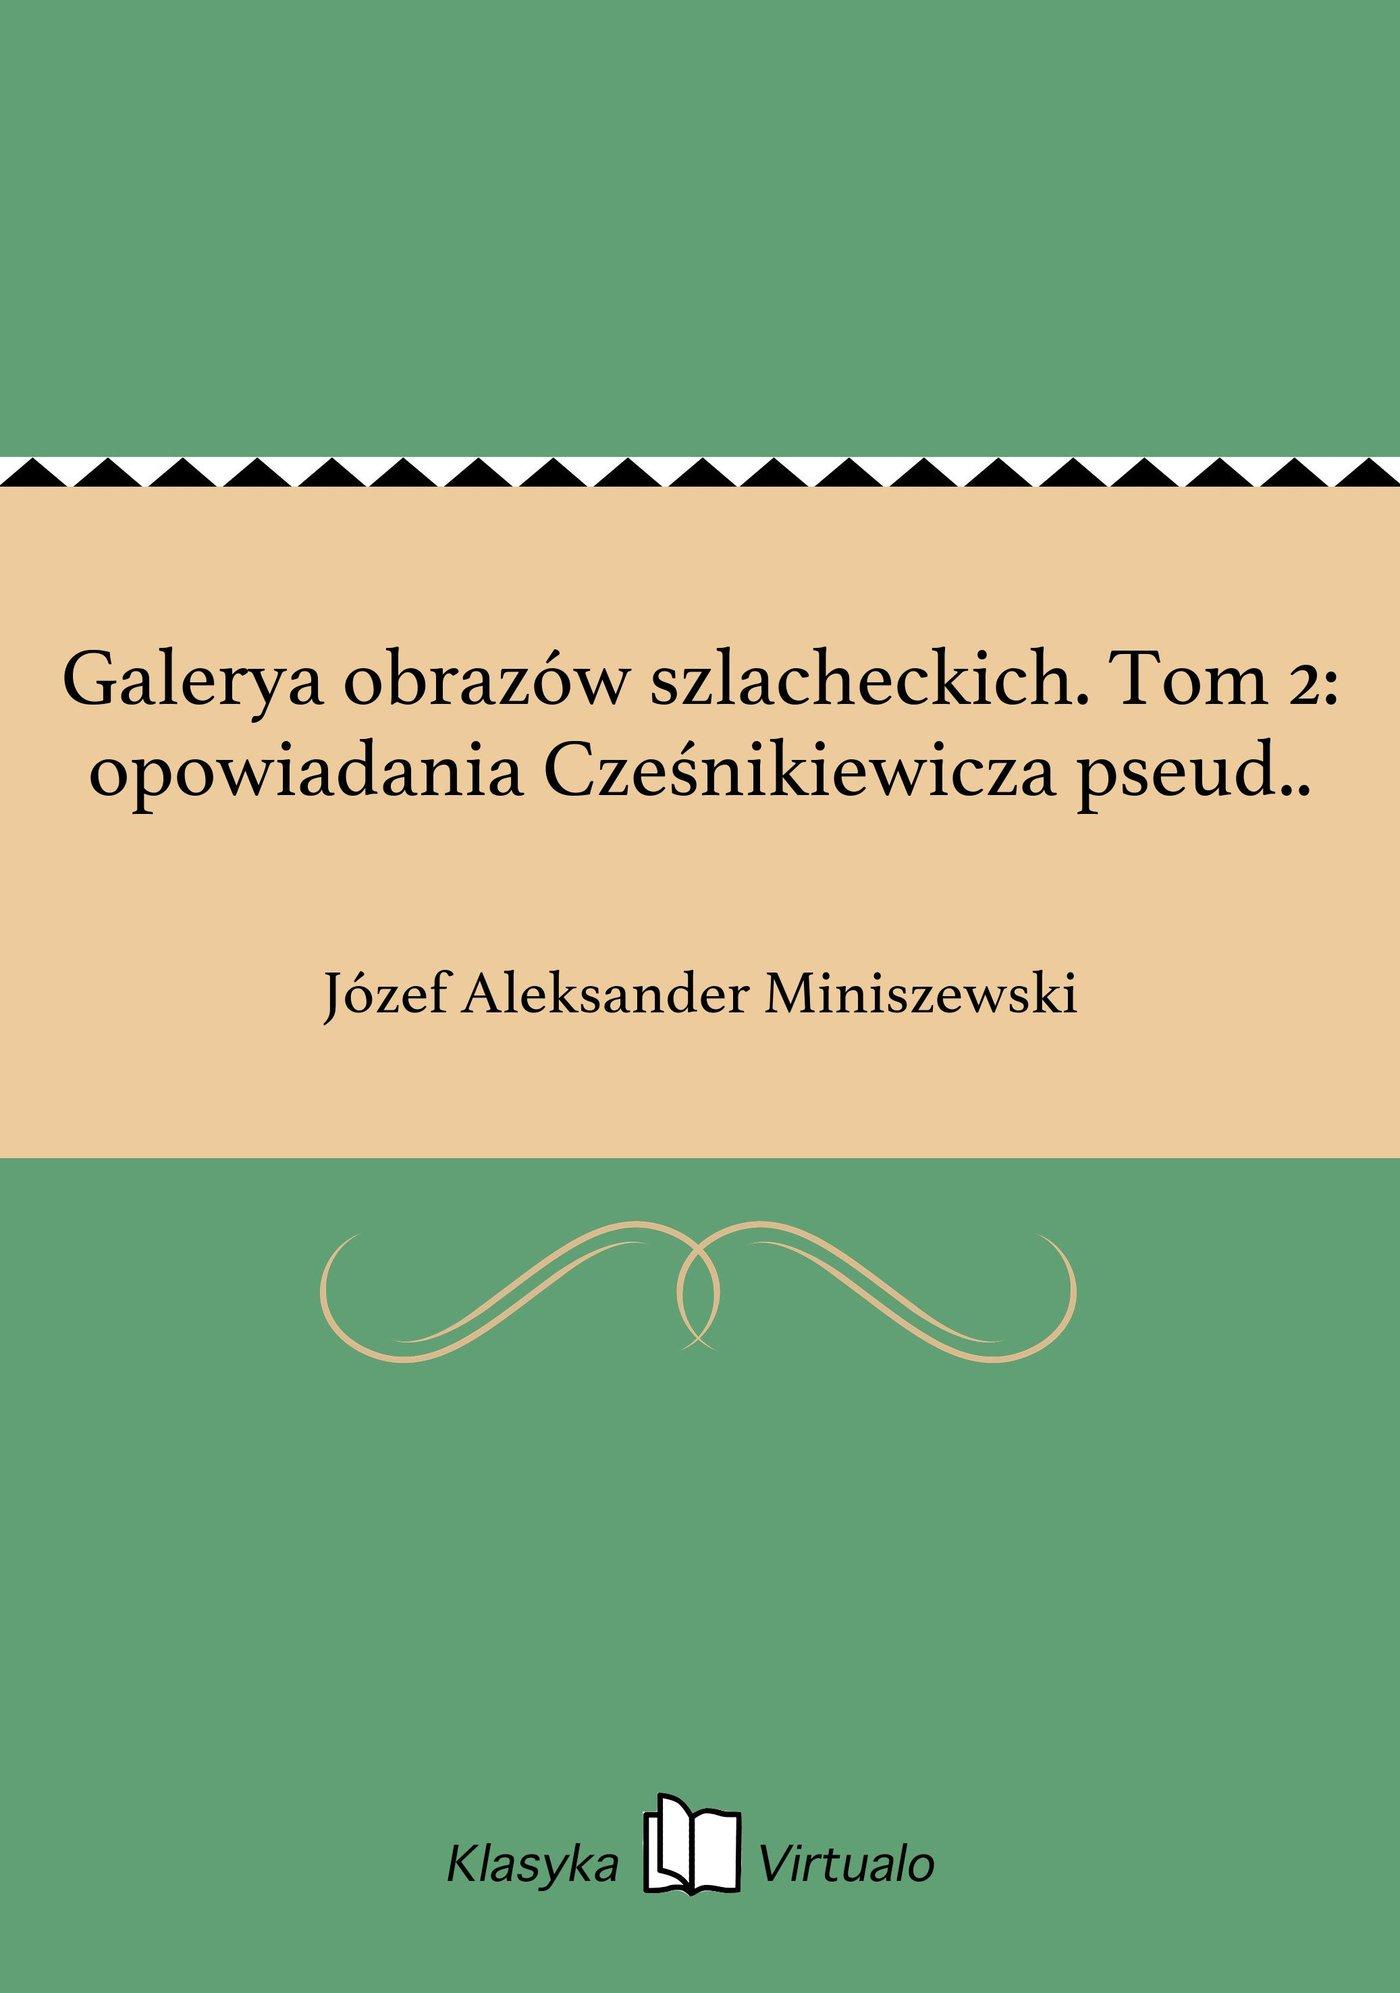 Galerya obrazów szlacheckich. Tom 2: opowiadania Cześnikiewicza pseud.. - Ebook (Książka EPUB) do pobrania w formacie EPUB